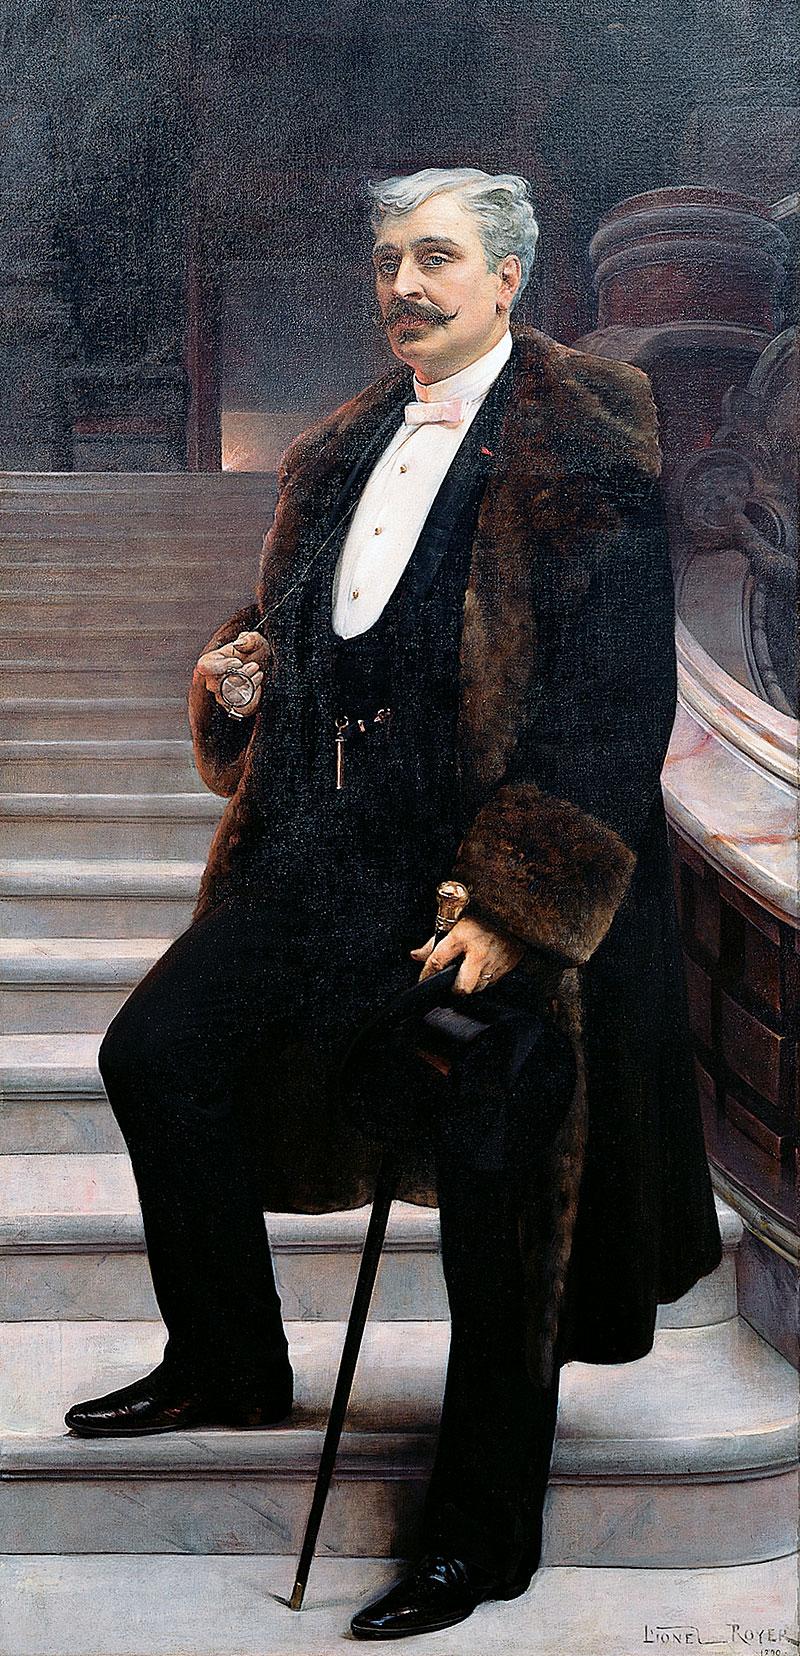 Le Comte d'Adhémar de Cransac - Lionel Noël Royer